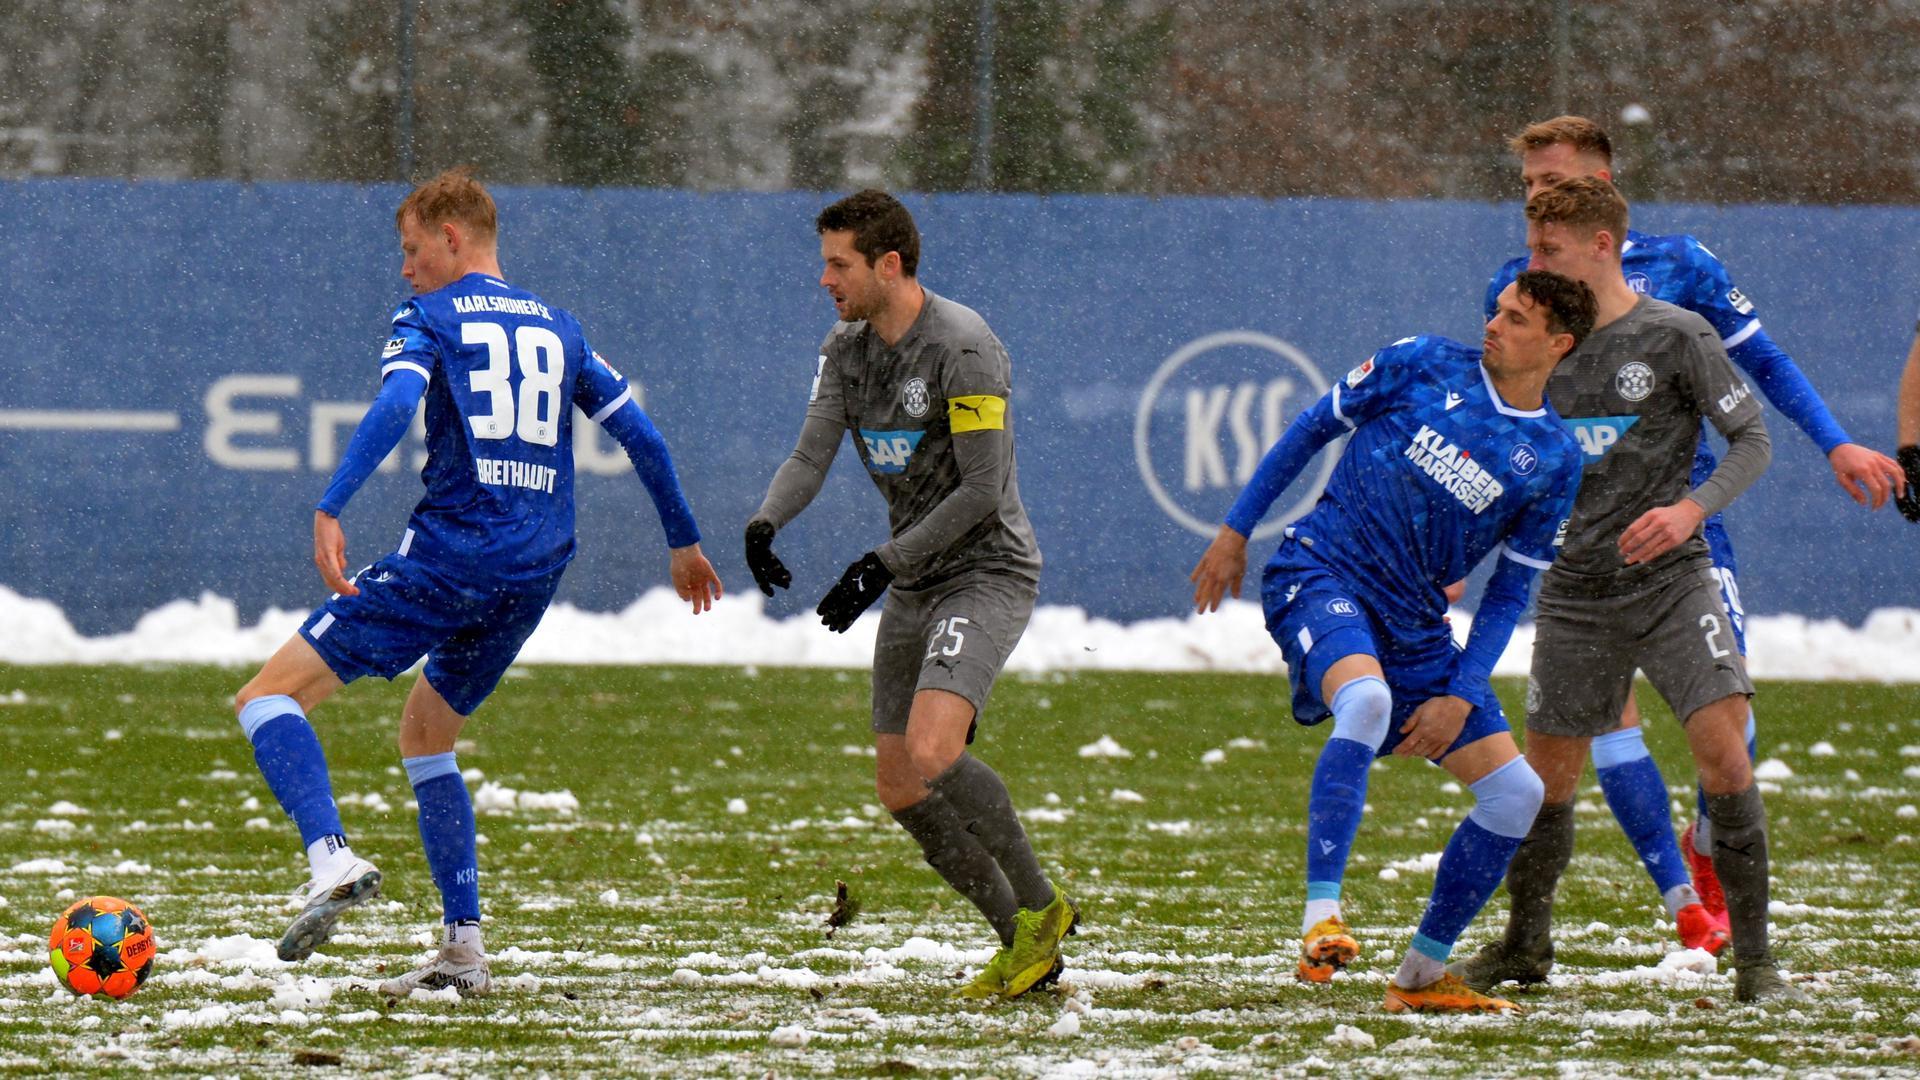 Rutschgefahr: Mit Tim Breithaupt, Philip Heise und Alexander Groiß (hinten) bemüht sich der KSC gegen die Walldorfer Nico Hillenbrand (25) und Maik Goß (2) um Stand.